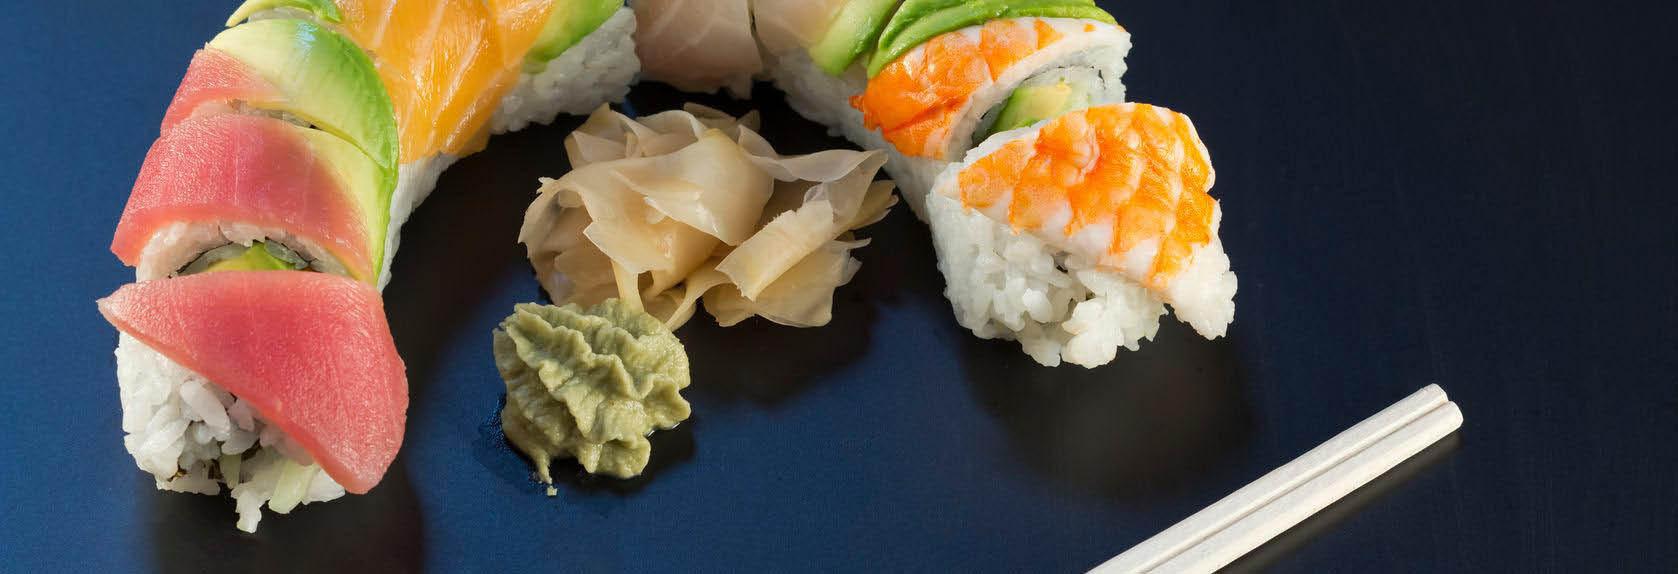 japanese, sushi, hibachi, food